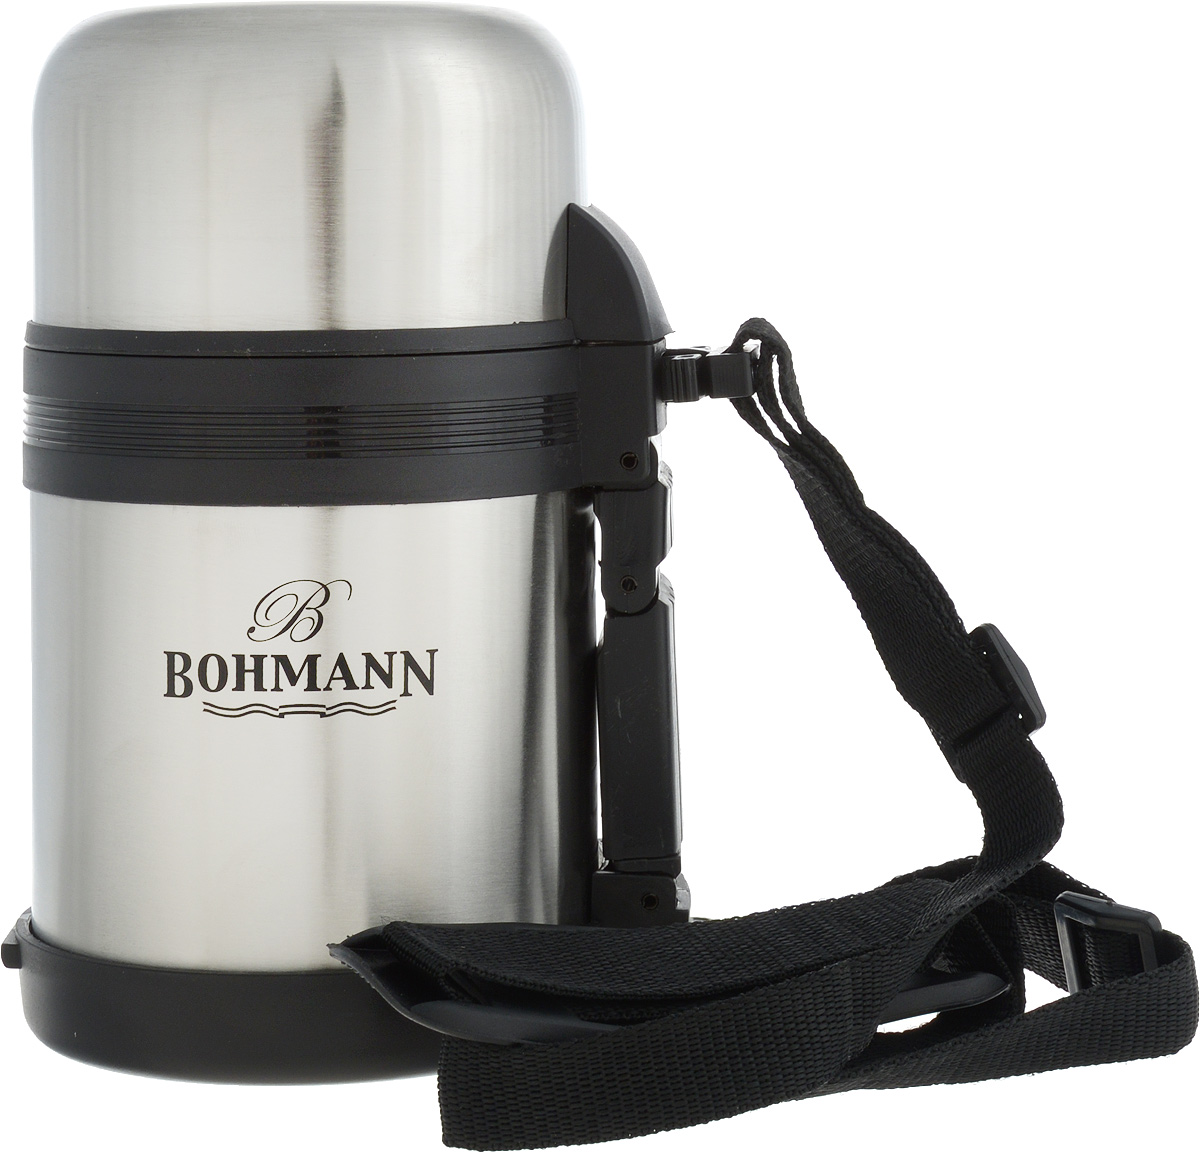 Термос Bohmann, цвет: стальной, черный, 0,6 л4206BH/12Дорожный термос Bohmann выполнен из нержавеющей стали с матовой полировкой. Двойные стенки сохраняют температуру напитков длительное время. Внутренняя колба выполнена из высококачественной нержавеющей стали. Термос снабжен плотно прилегающей закручивающейся пластиковой пробкой с нажимным клапаном и укомплектован теплоизолированной крышкой, которую можно использовать как чашку. Для того чтобы налить содержимое термоса нет необходимости откручивать пробку. Достаточно надавить на клапан, расположенный в центре.Изделие оснащено эргономичной ручкой и съемным ремнем для удобной переноски, который регулируется по длине.Удобный термос Bohmann станет незаменимым спутником в ваших поездках.Высота термоса (с учетом крышки): 18,5 см.Диаметр горлышка: 7,5 см.Диаметр чашки (по верхнему краю): 9,5 см.Высота чашки: 5,7 см.Ширина ремня: 2 см.